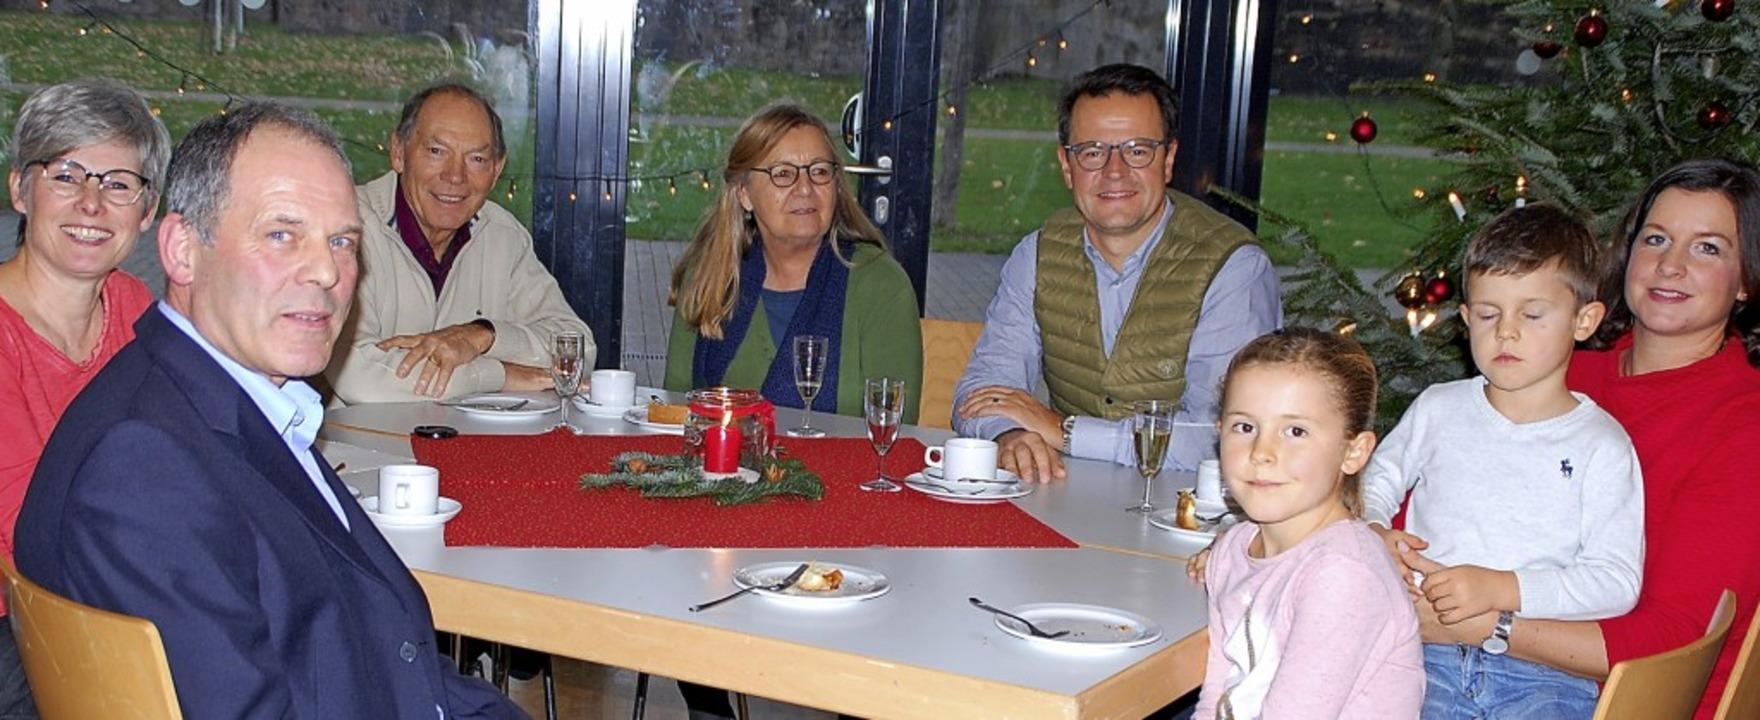 Simone Golling-Imlau und Ingo Fritz vo...Steffens und seiner Familie (rechts).   | Foto: Barbara Puppe